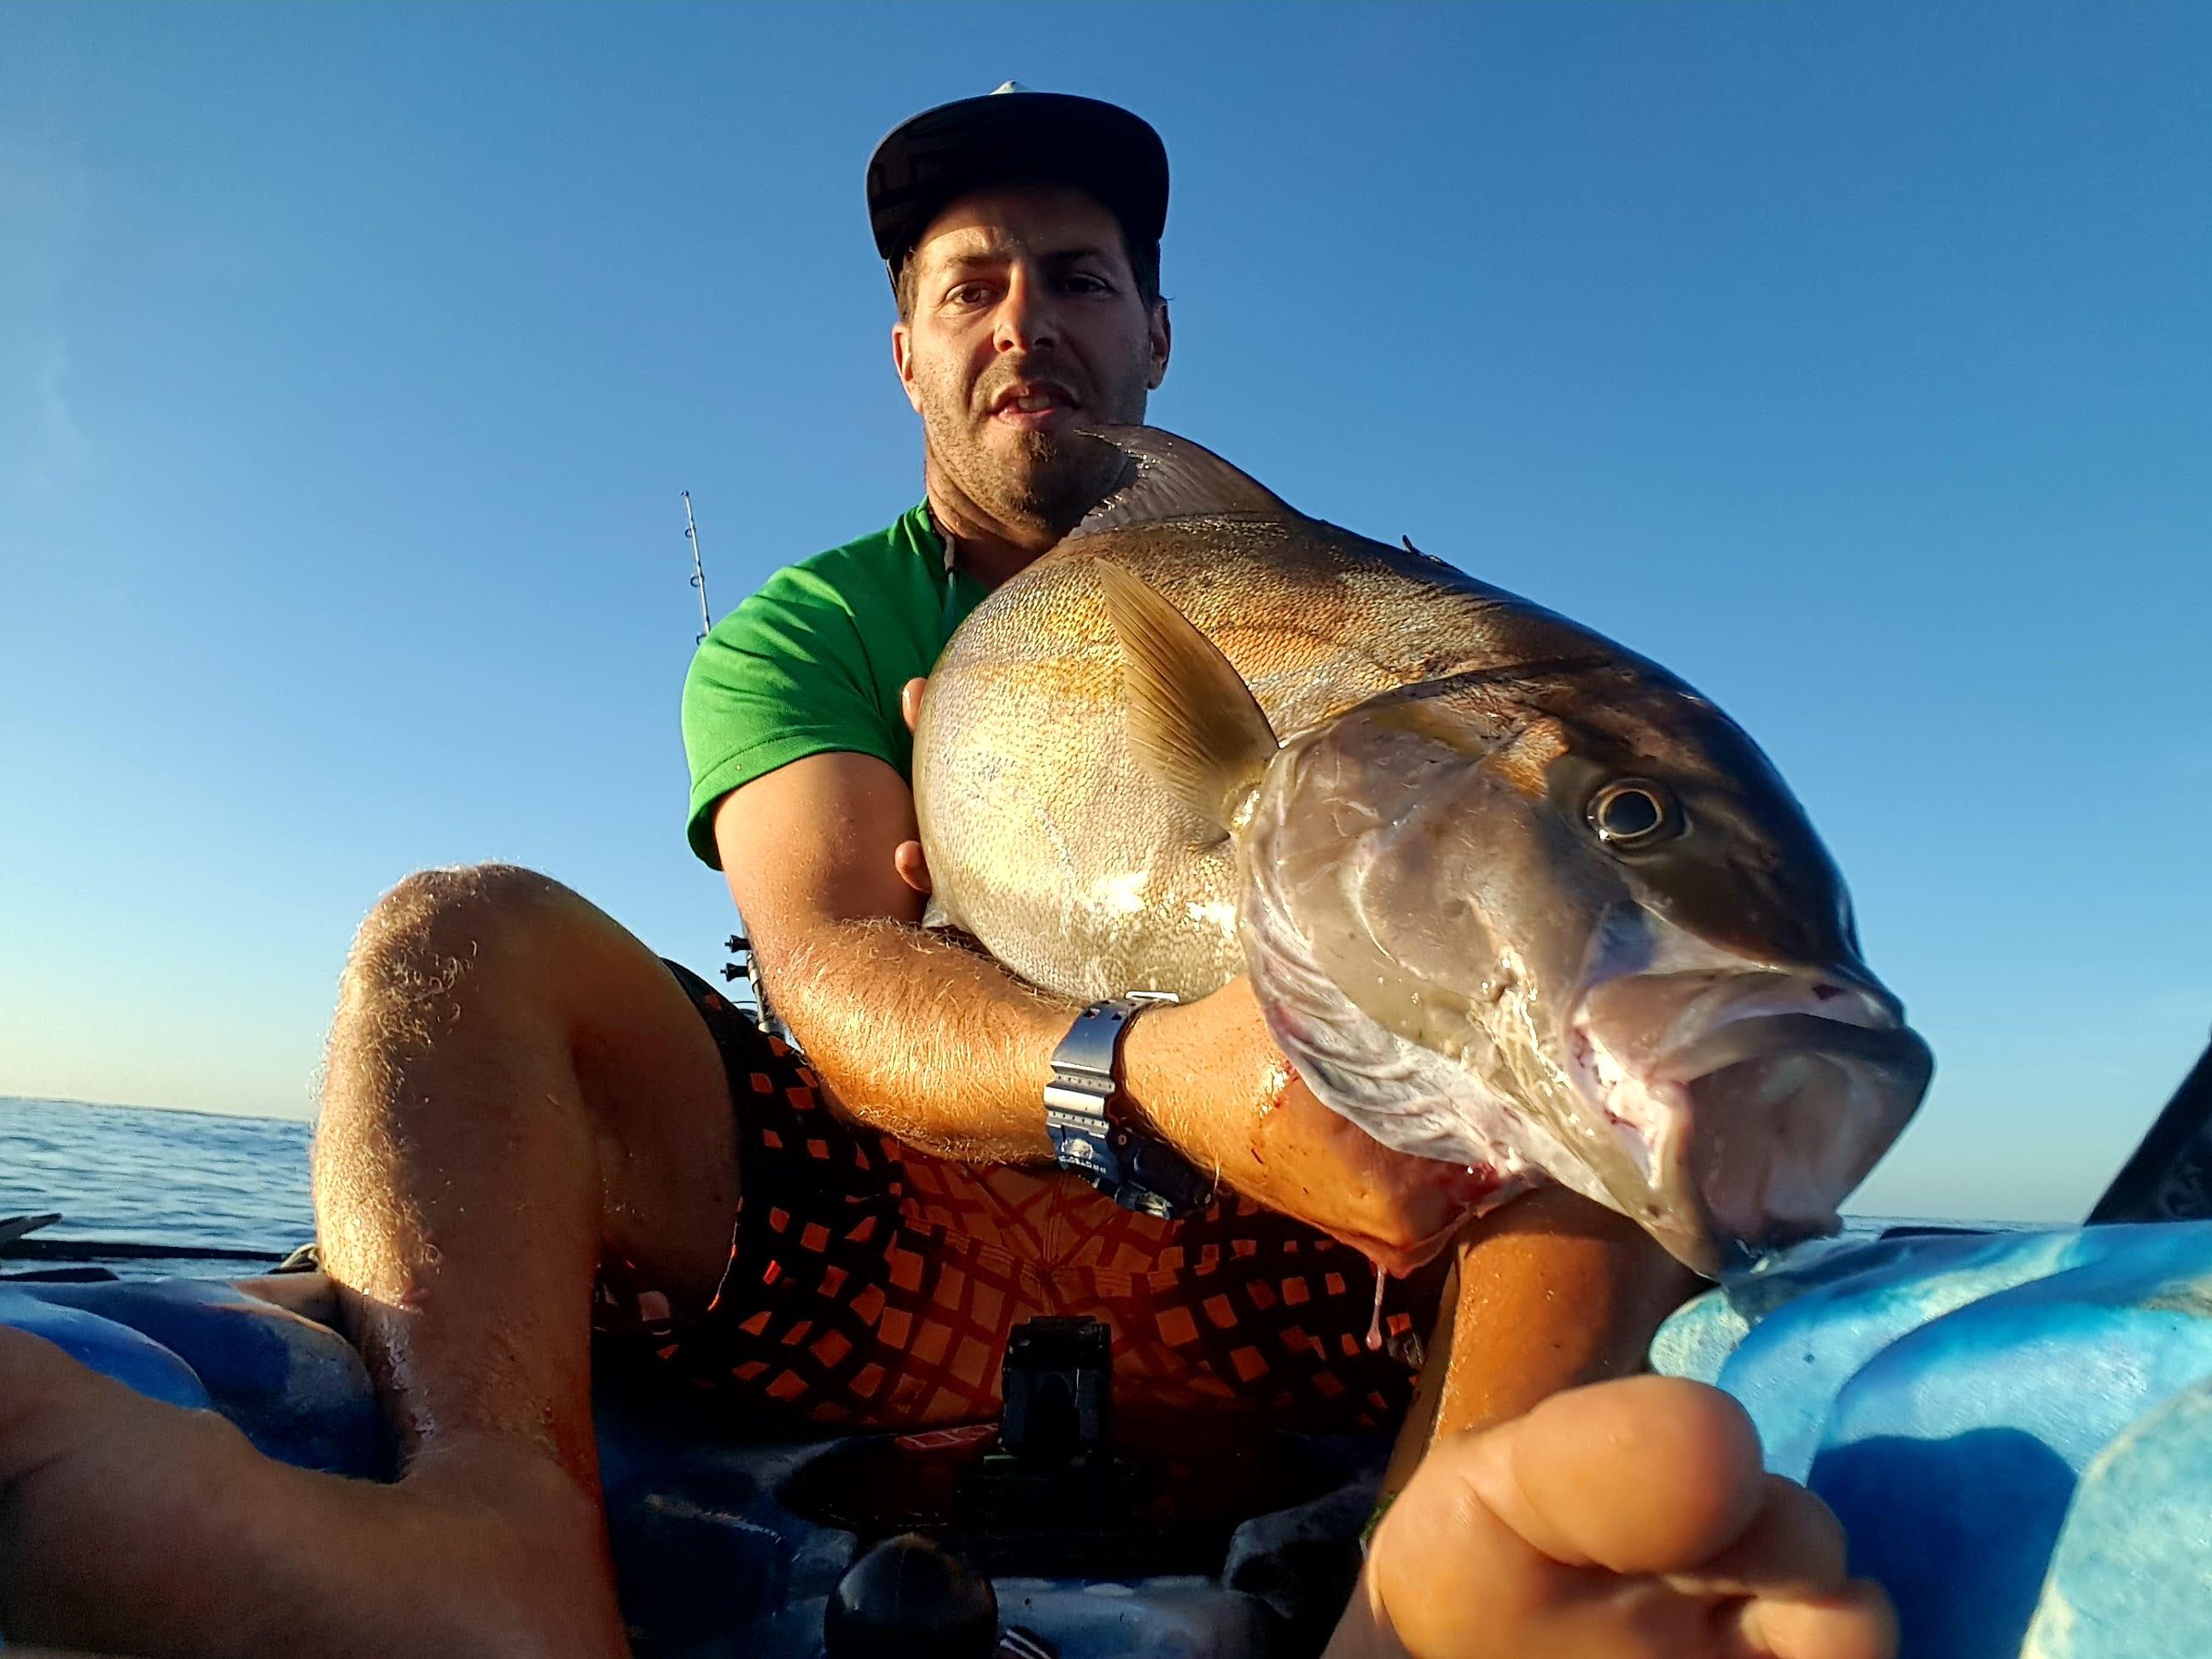 8a3335fd1ee39 Entrevista com Teo Ramos da Equipe de Pesca Galaxy Kayaks